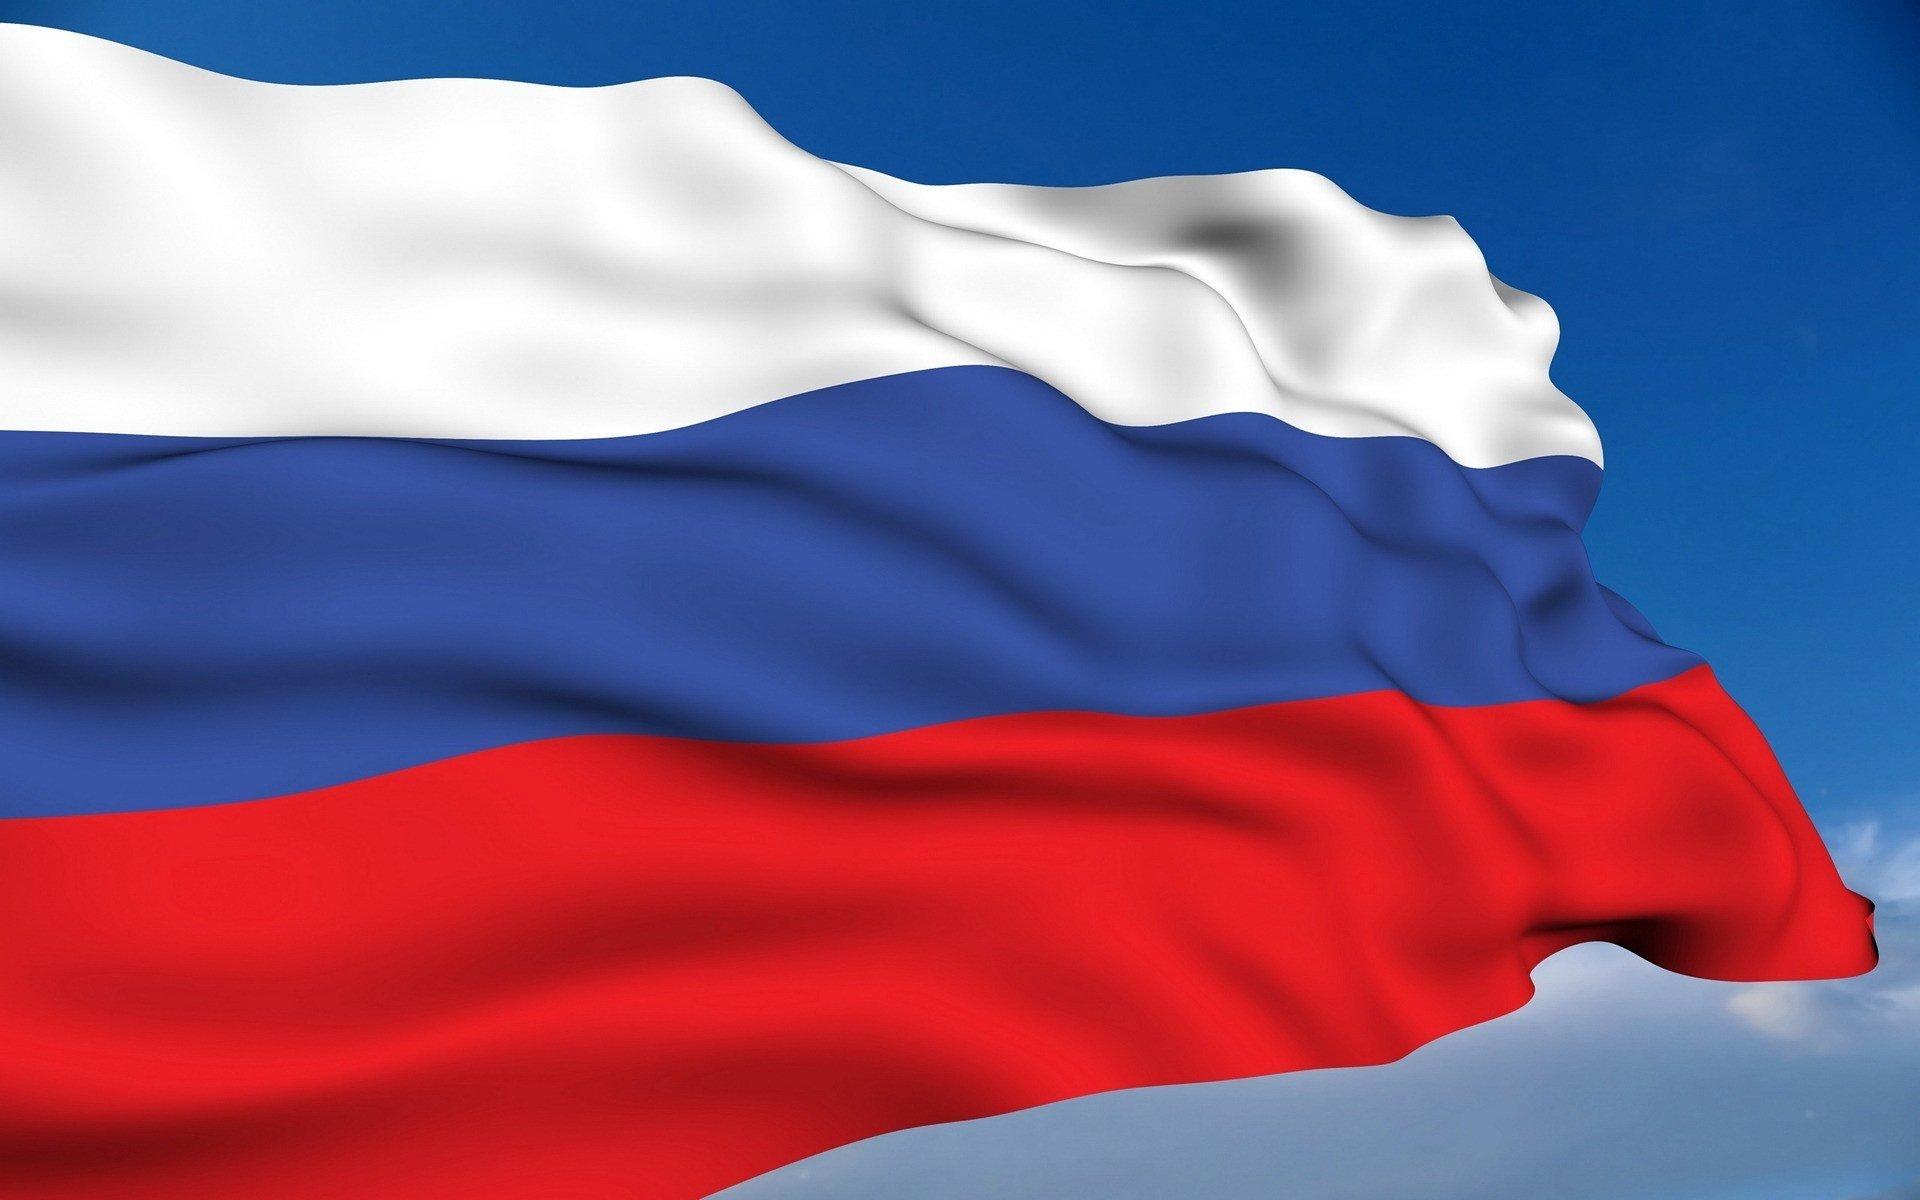 В Британии назвали РФ наибольшей угрозой региону